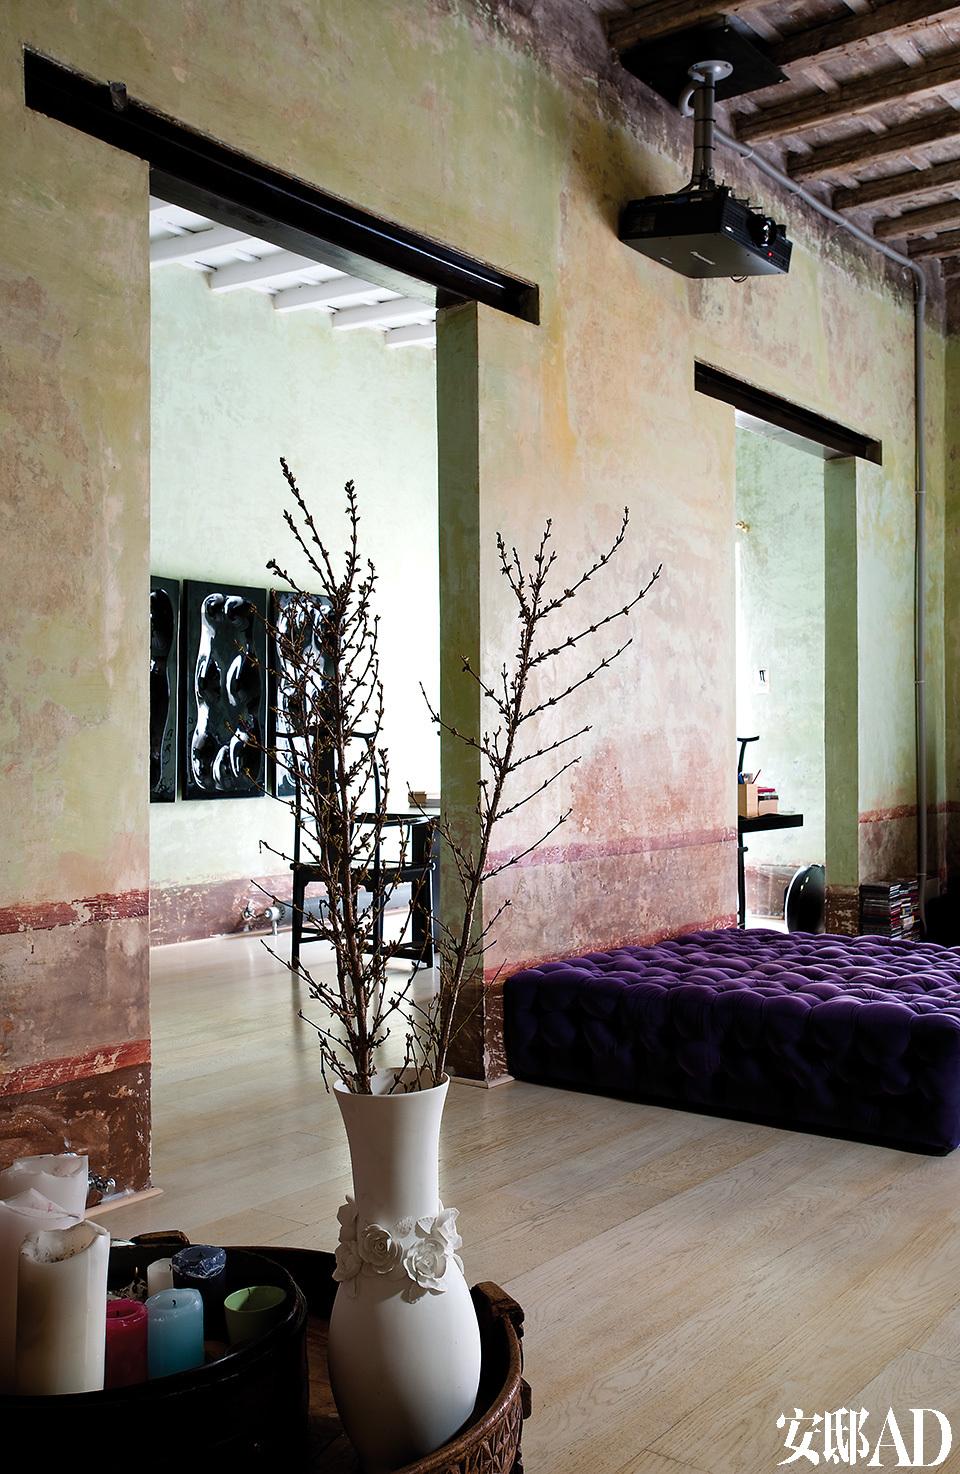 从起居室能看到书房一景。La Michetta紫色绒面沙发由Gaetano Pesce为Meritalia设计。复古木桌上摆放着蜡烛和白色陶花瓶,里面的植物营造出了中国蜡梅的效果。